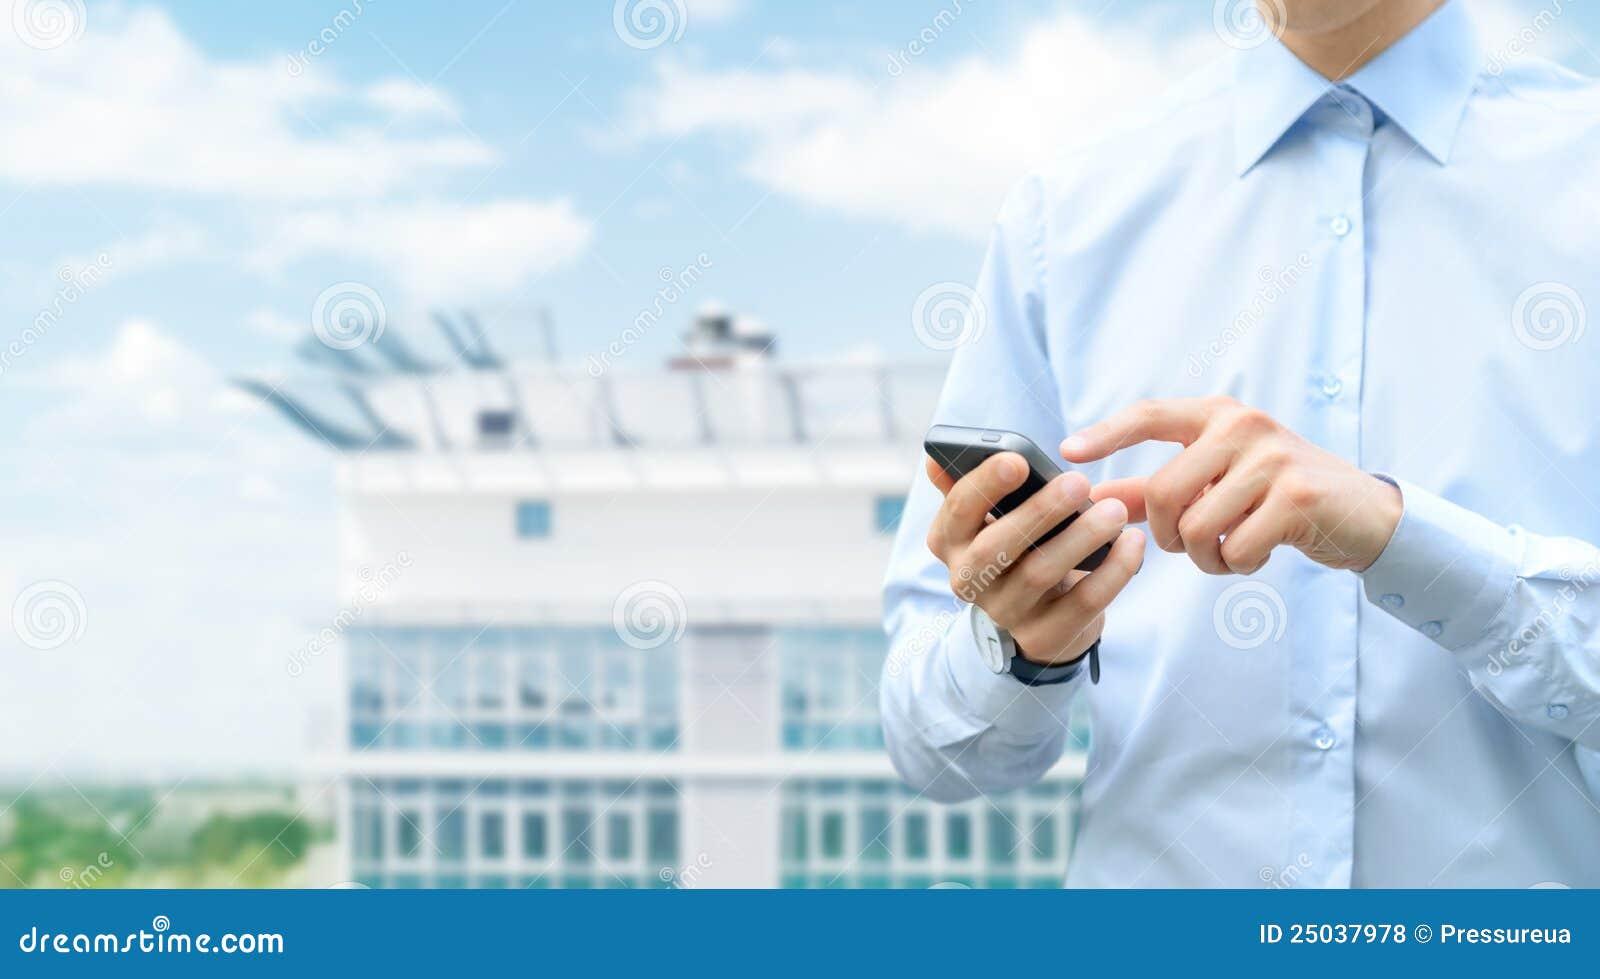 Comunicación móvil con el espacio de la copia